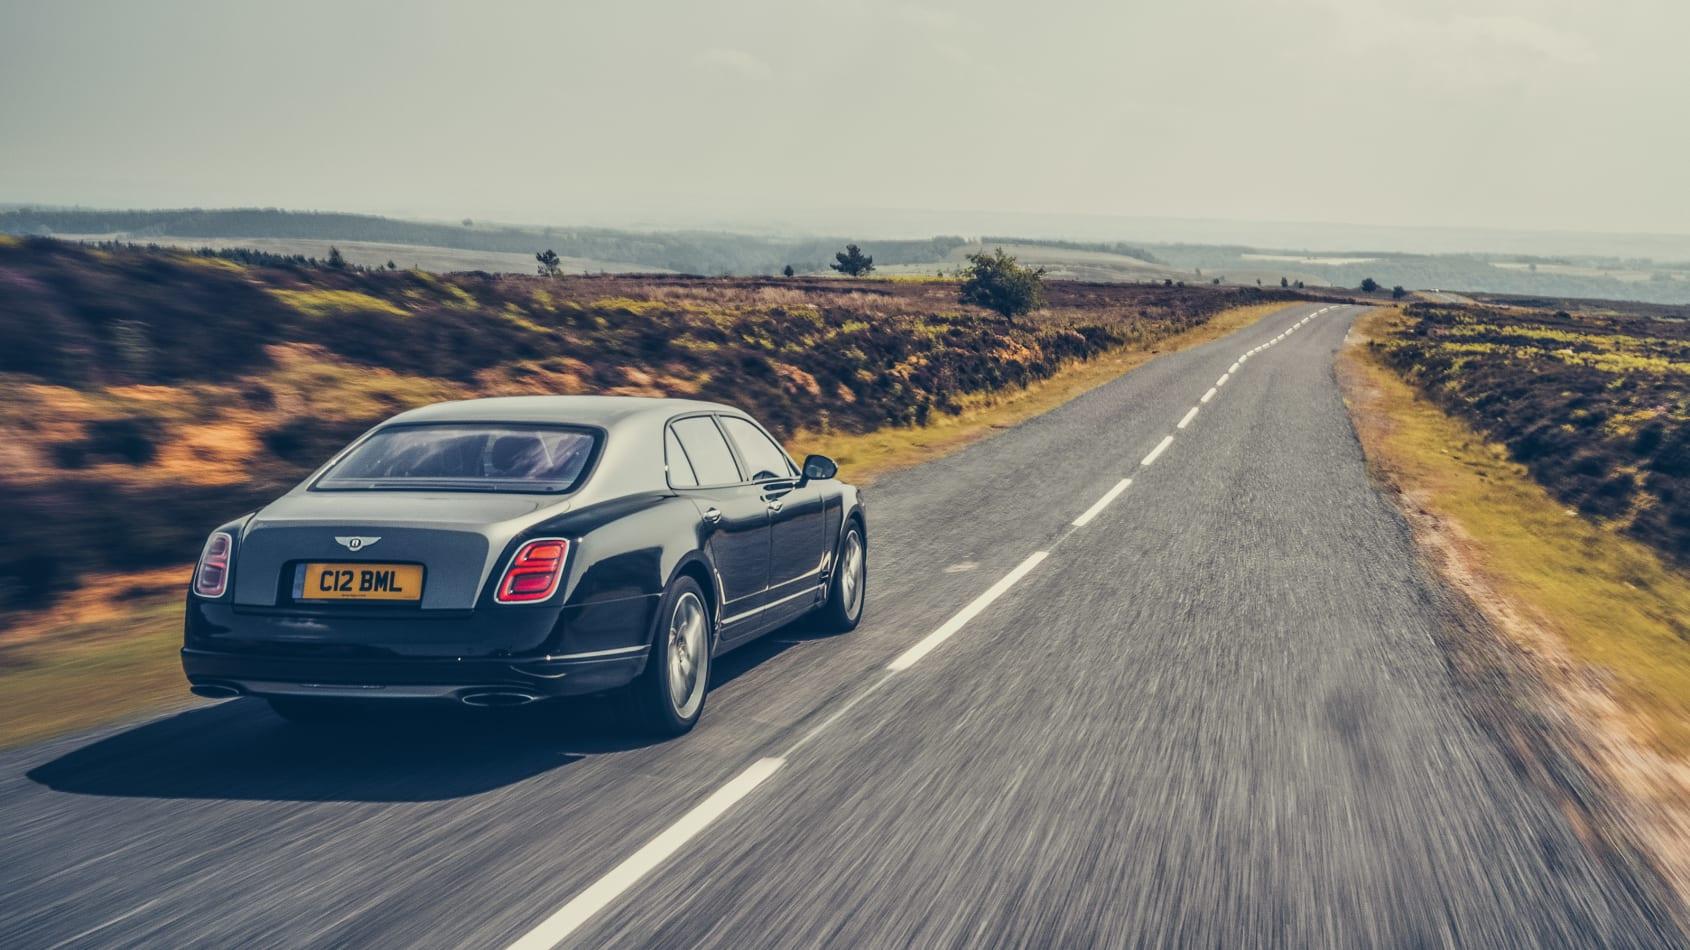 [Image: Bentley%20Mulsanne%20car%20pics%20of%20the%20week-3.jpg]